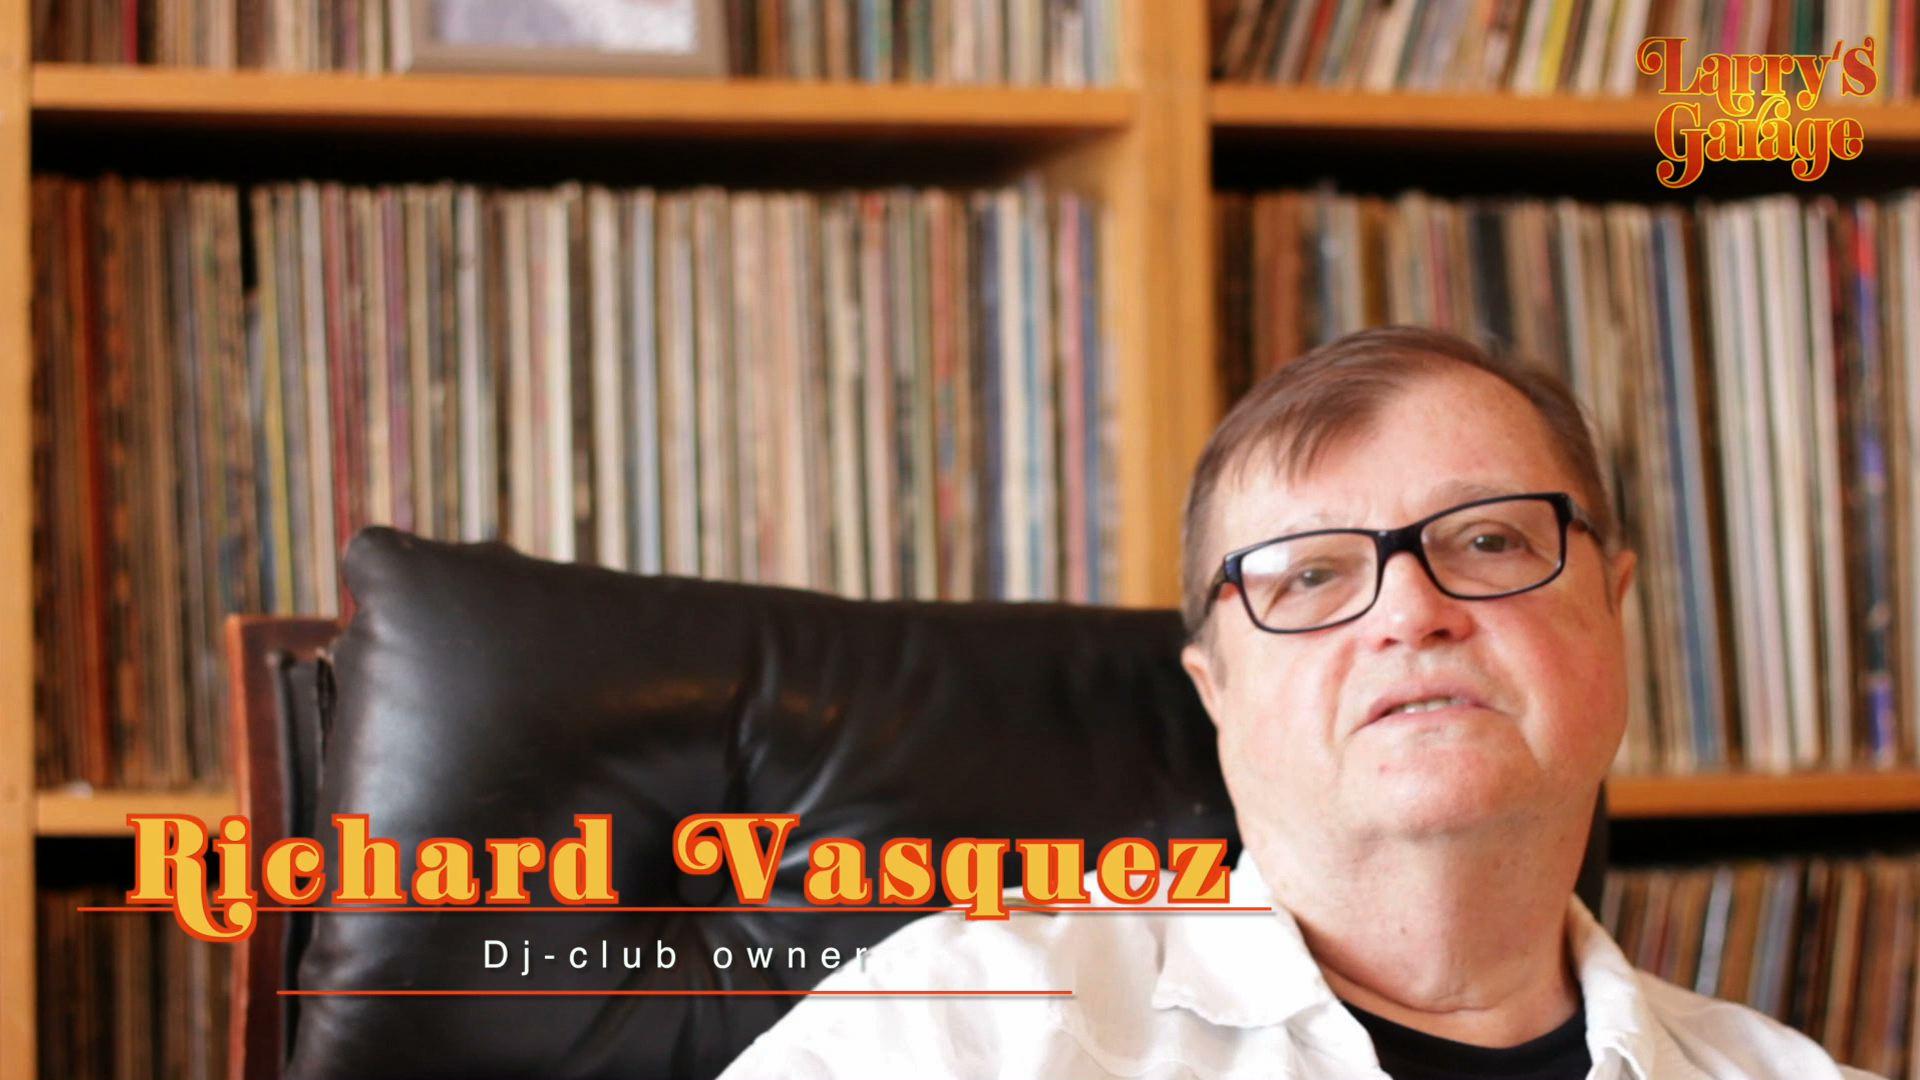 Richard Vasquez in Larry's Garage (2019)